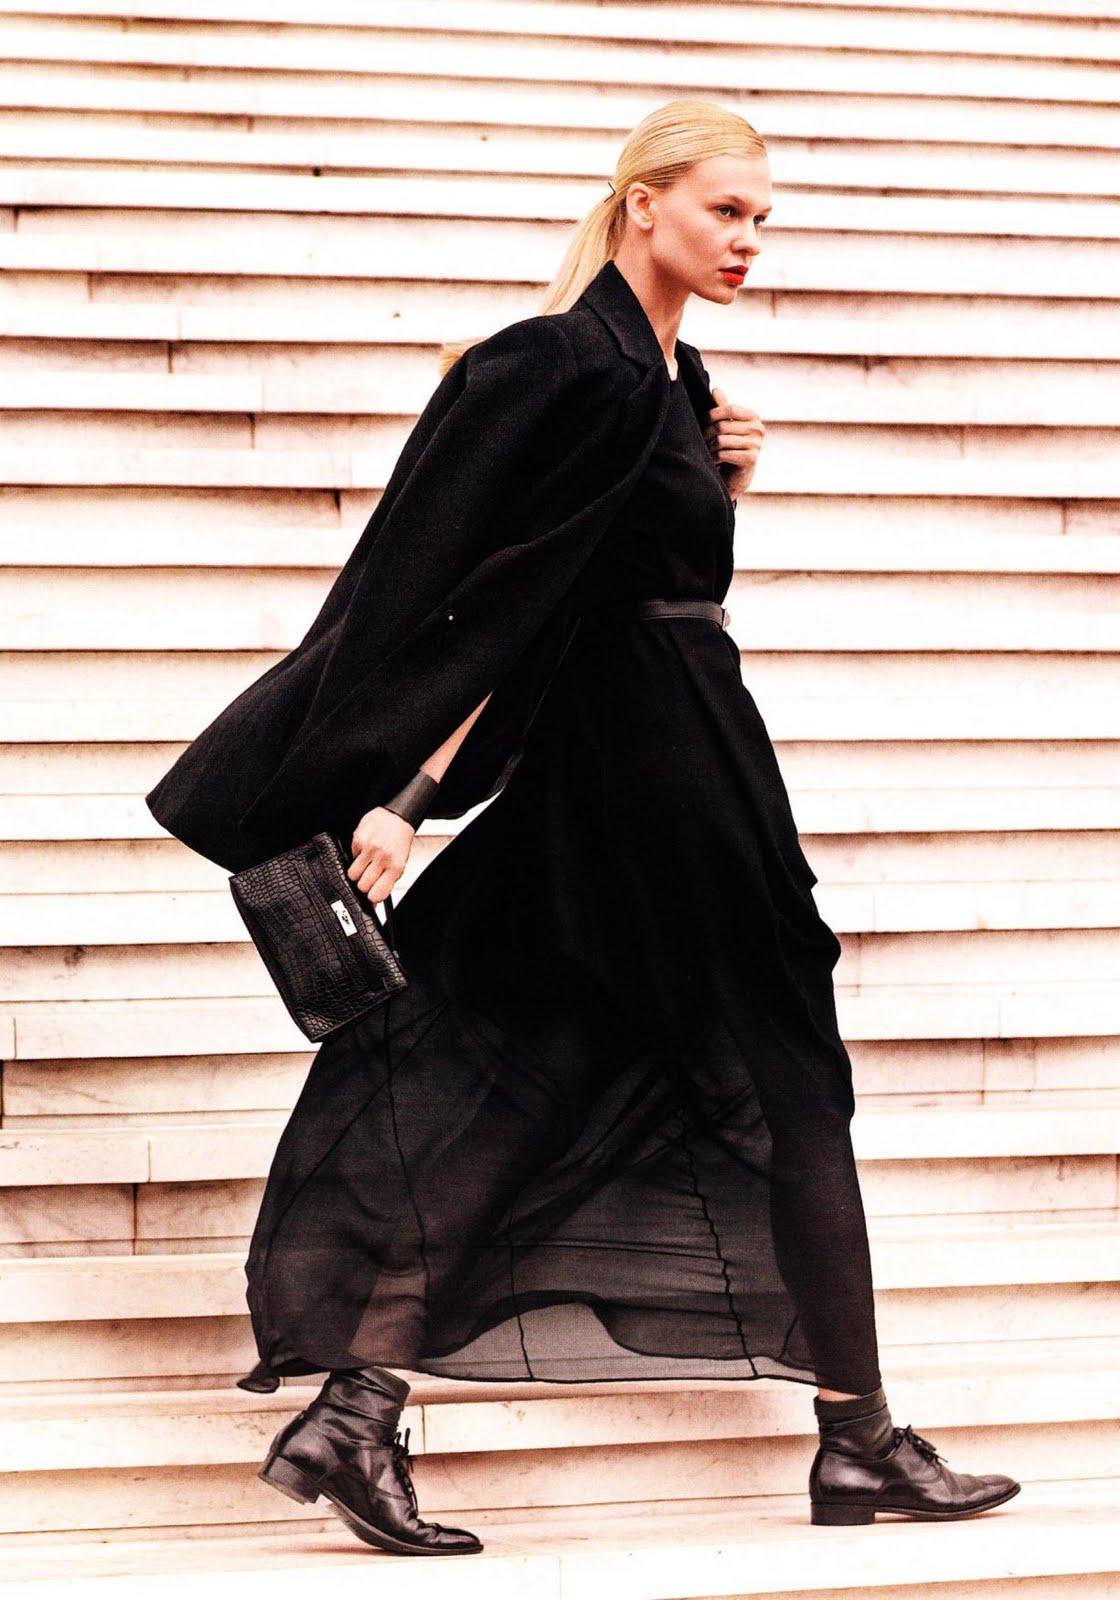 http://3.bp.blogspot.com/_RrfoUxX-jD4/TPE38lkhVzI/AAAAAAAADeA/88yjaRtzwwA/s1600/glamourfrance0012.jpg